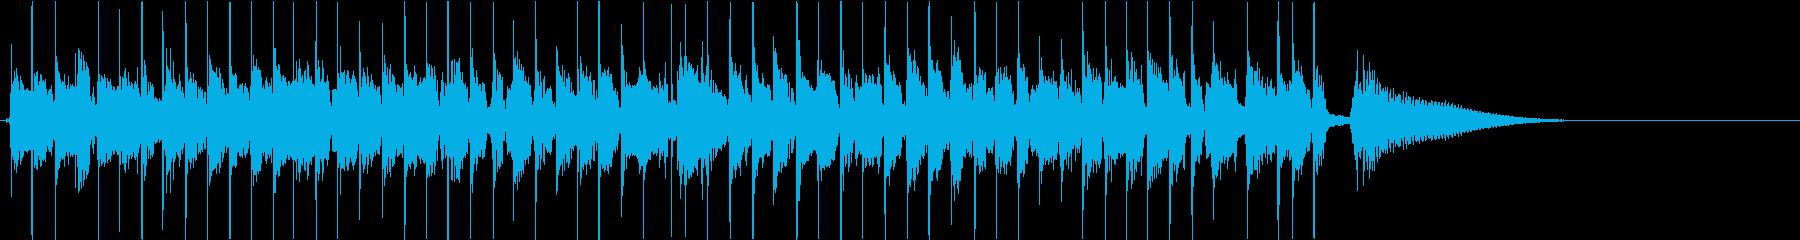 生演奏のスウィングジャズ風ジングルの再生済みの波形